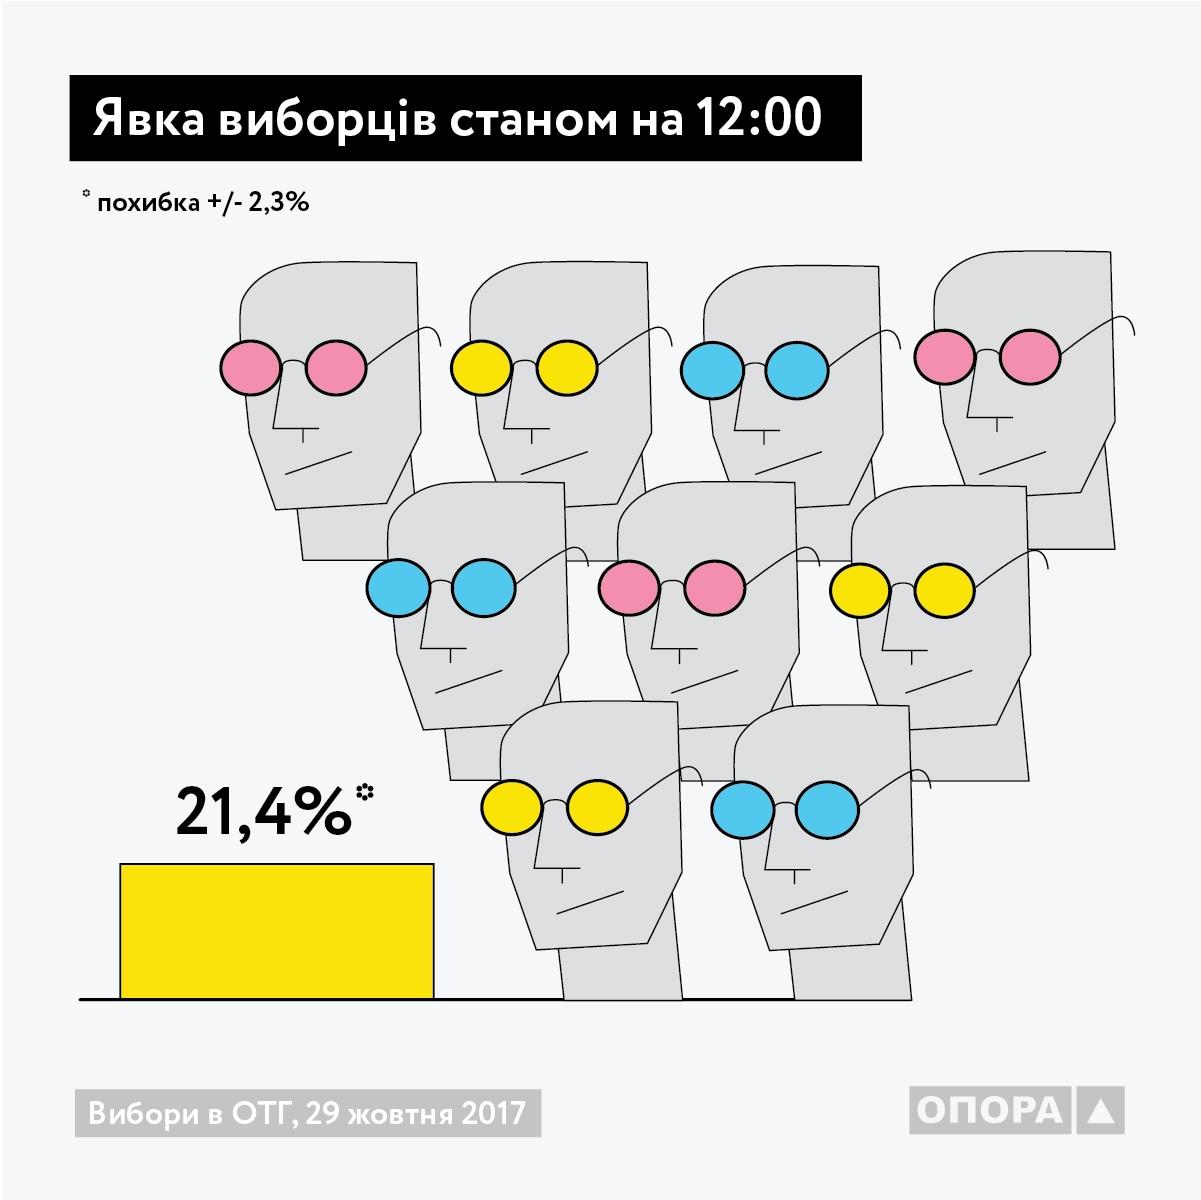 Наместных выборах проголосовали практически 40% избирателей